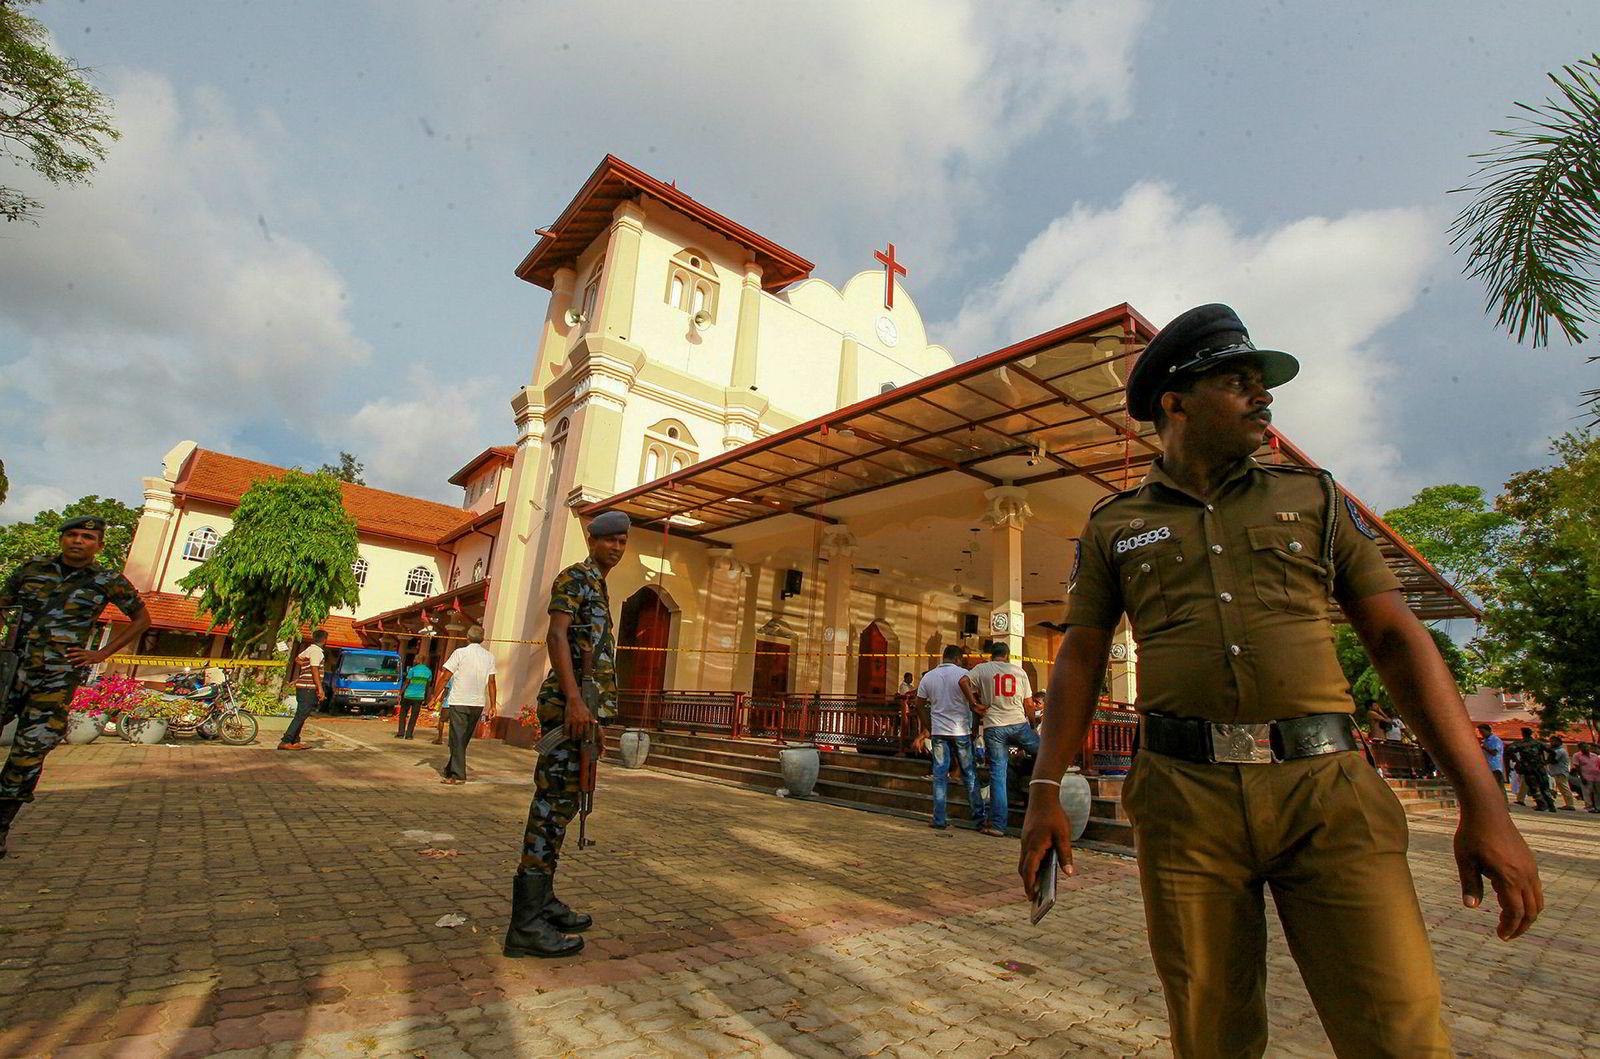 Soldater sikrer en kirke i Negombo nord for hovedstaden, der en av søndagens eksplosjoner fant sted.